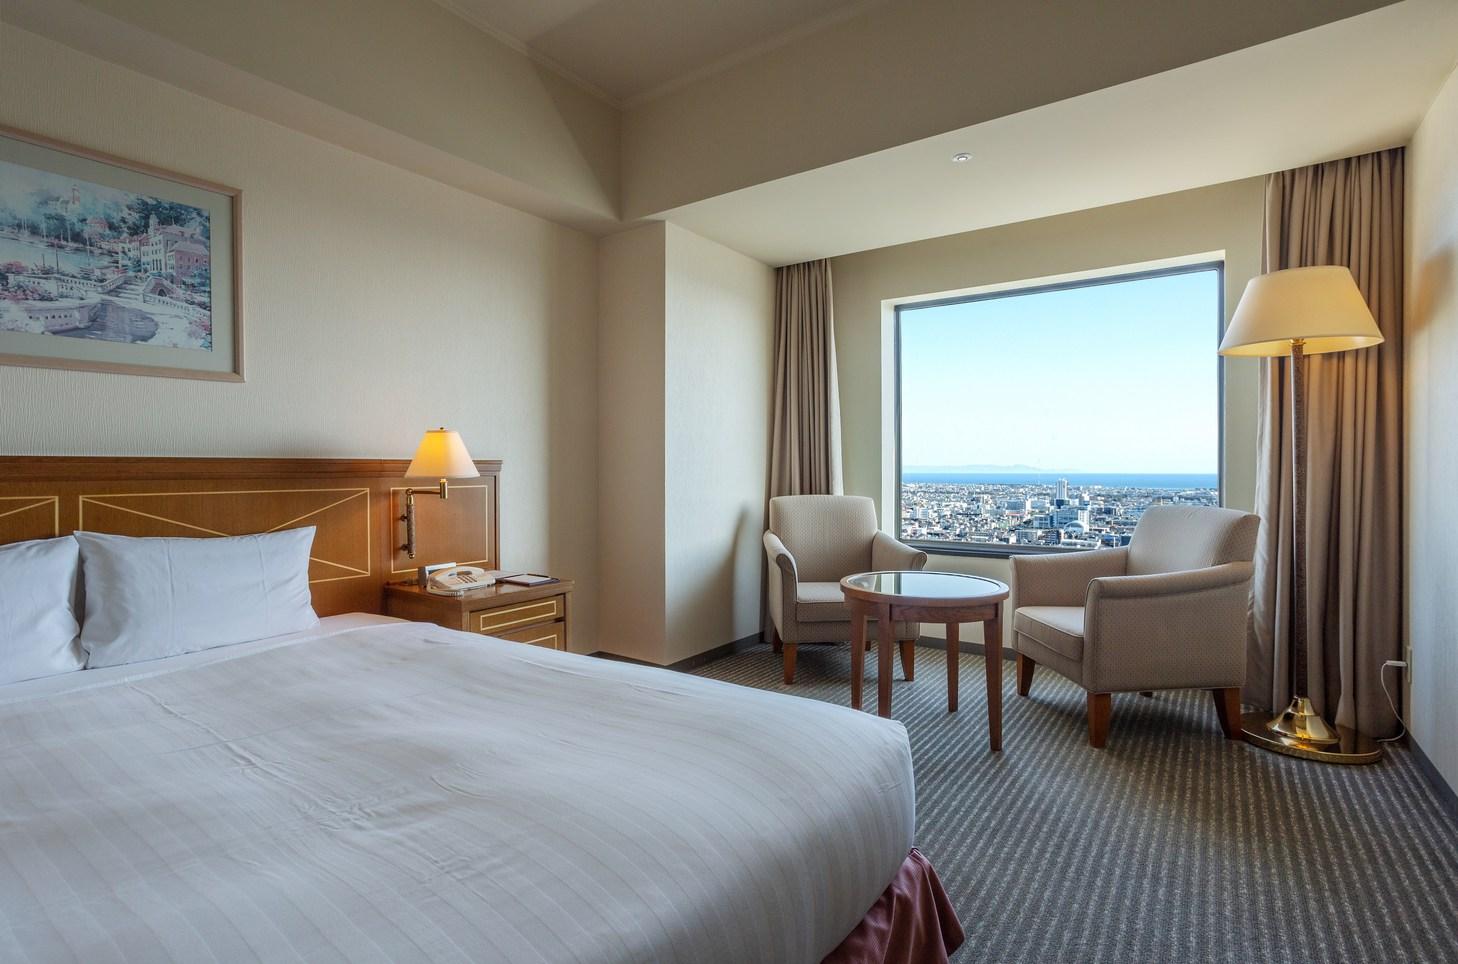 ホテルセンチュリー静岡 image